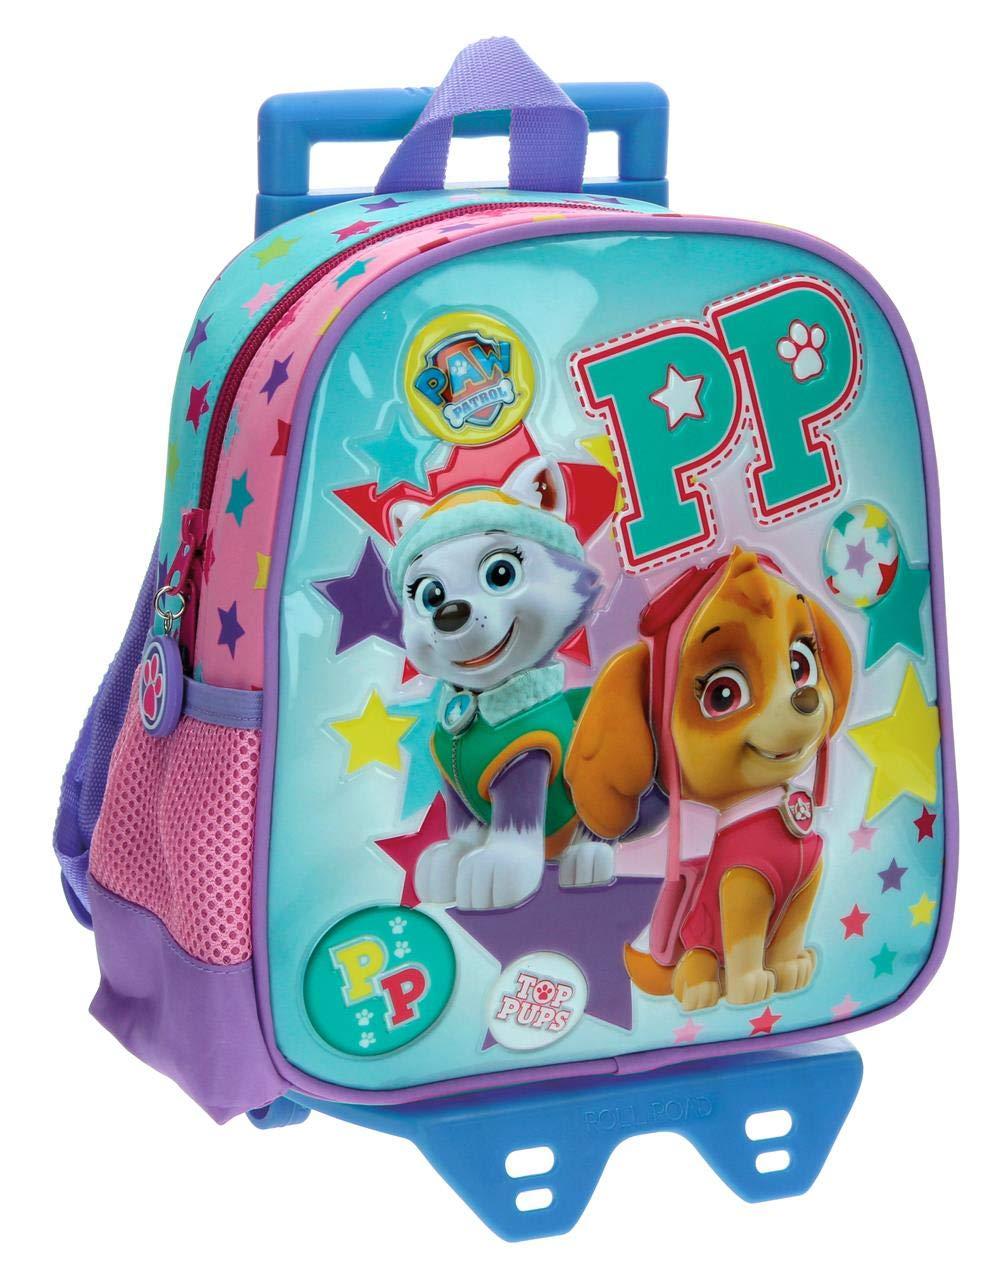 La Patrulla Canina-Sac à dos pour la crèche et la maternelle avec chariot Best Pup Ever La Pat' Patrouille 27120M1